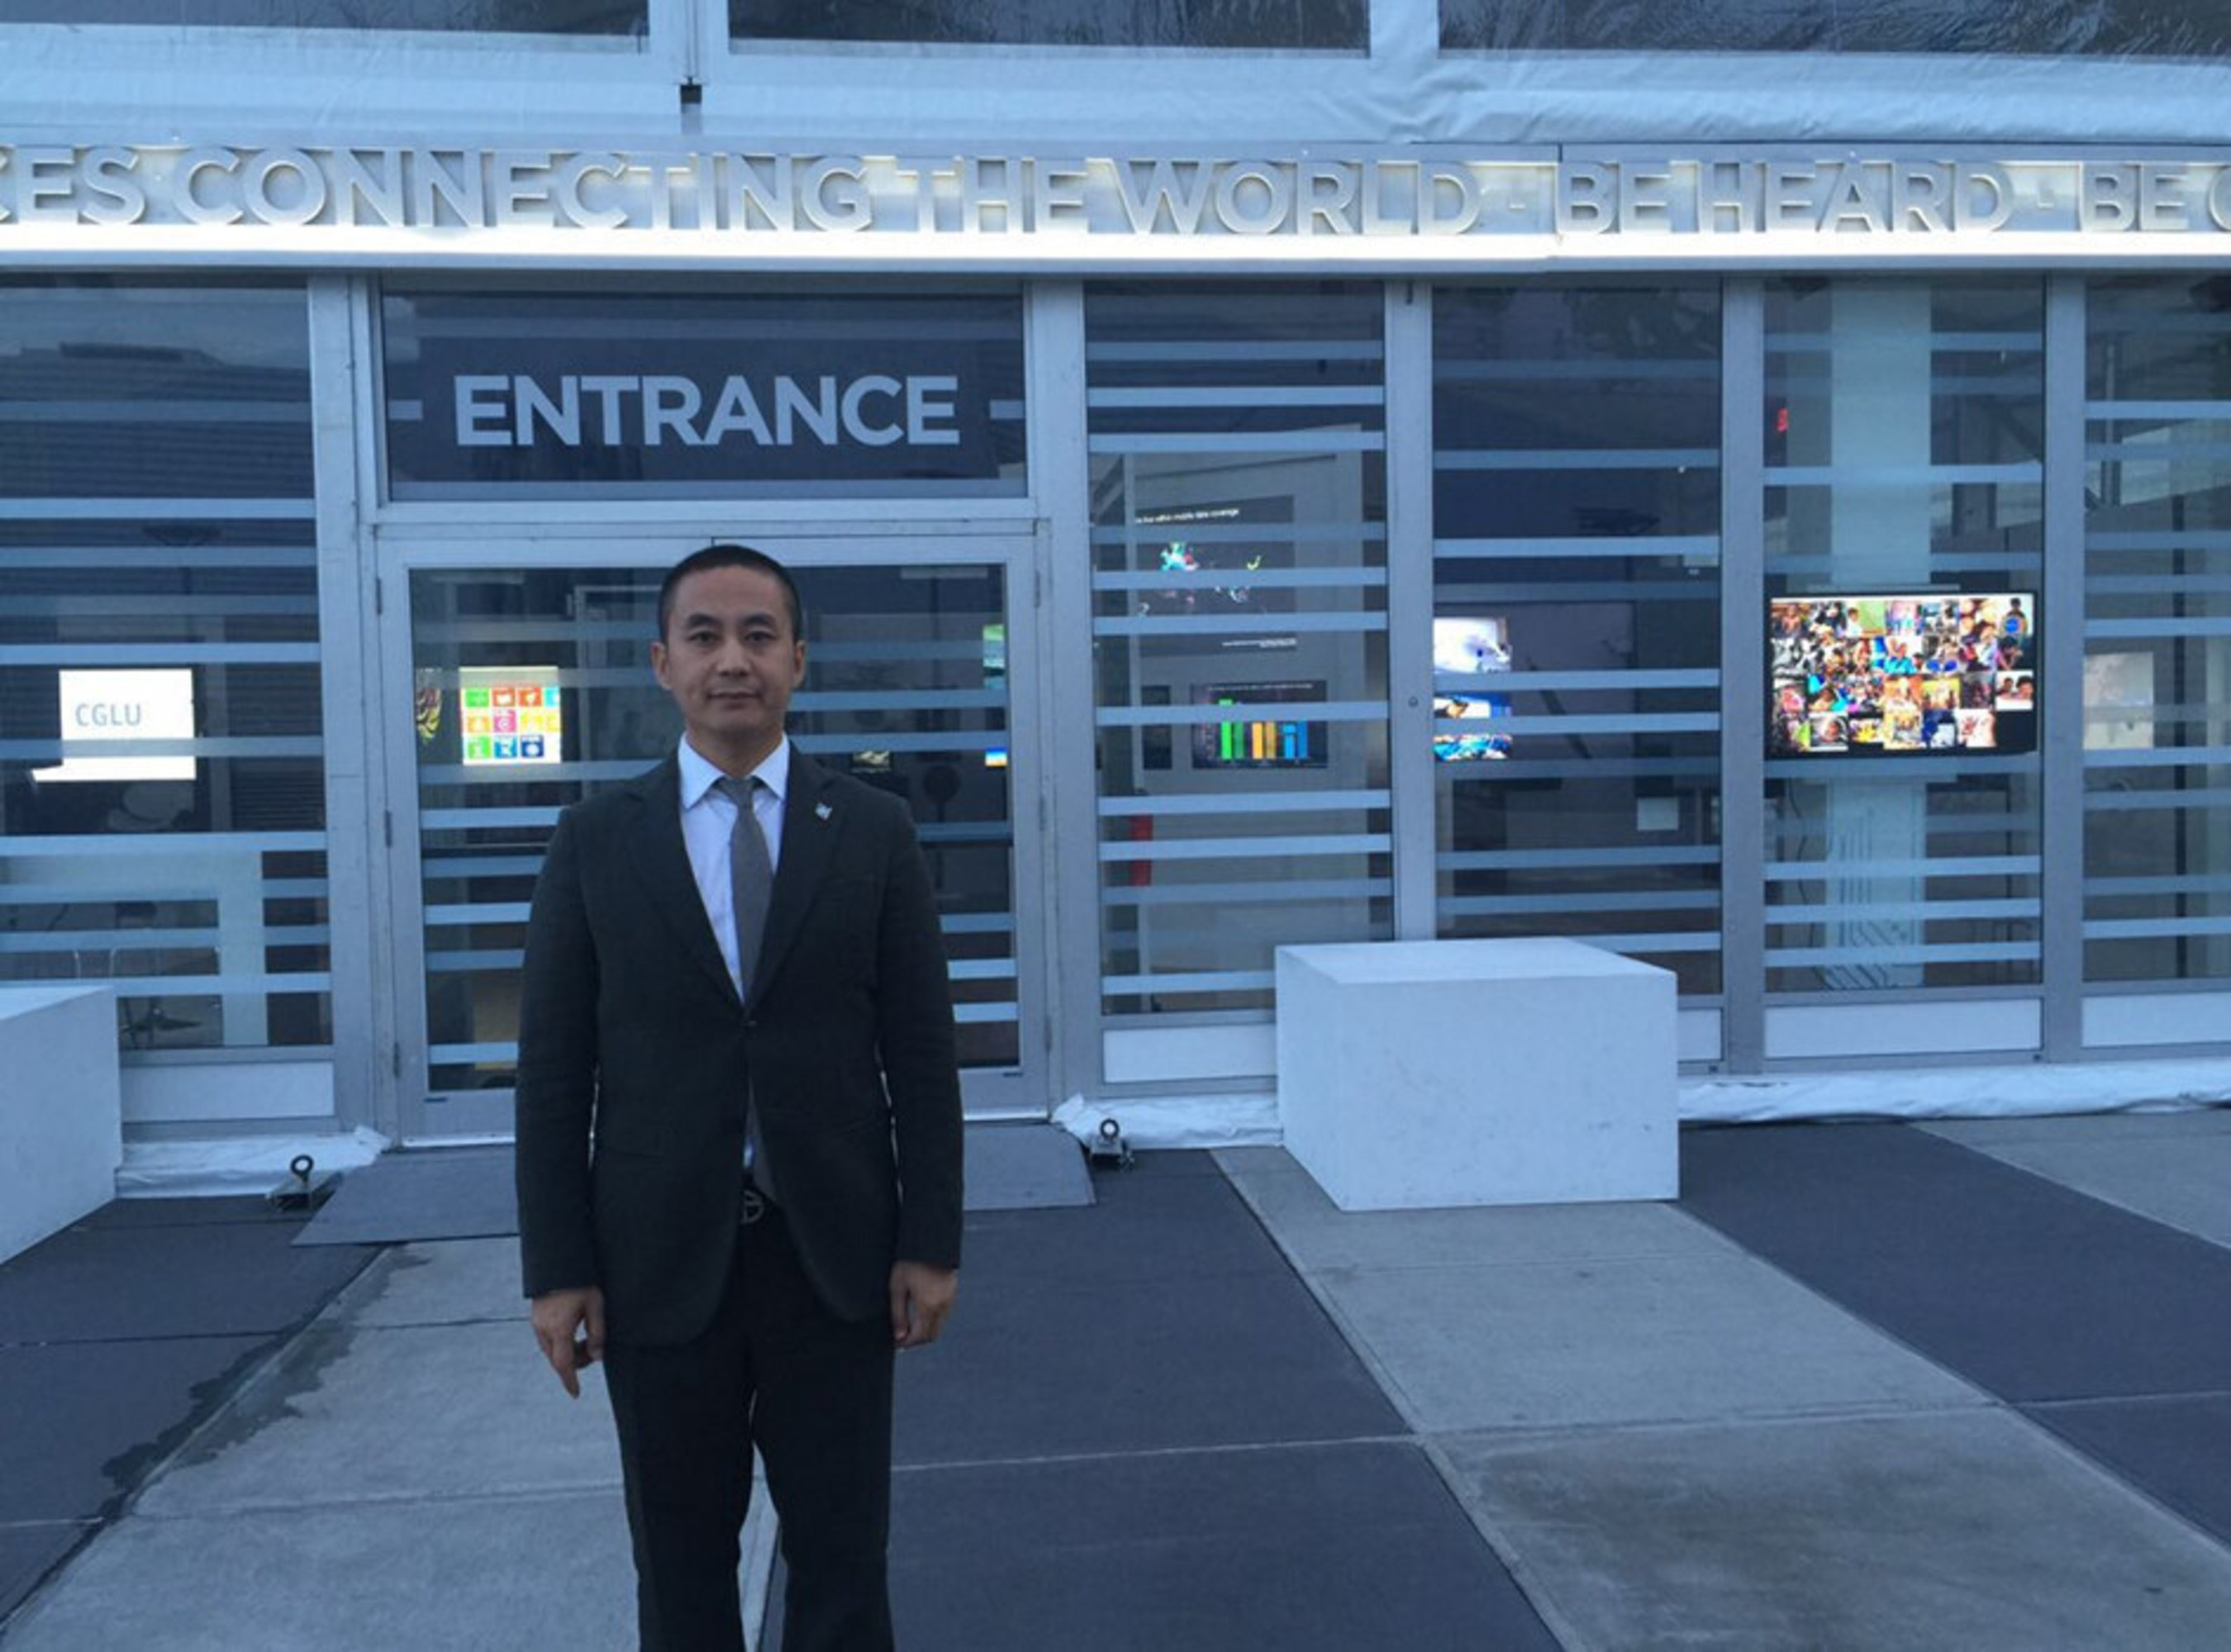 LWW Group veröffentlicht komplette Rede von Präsident Li Zice, gehalten am Hauptsitz der UN in New